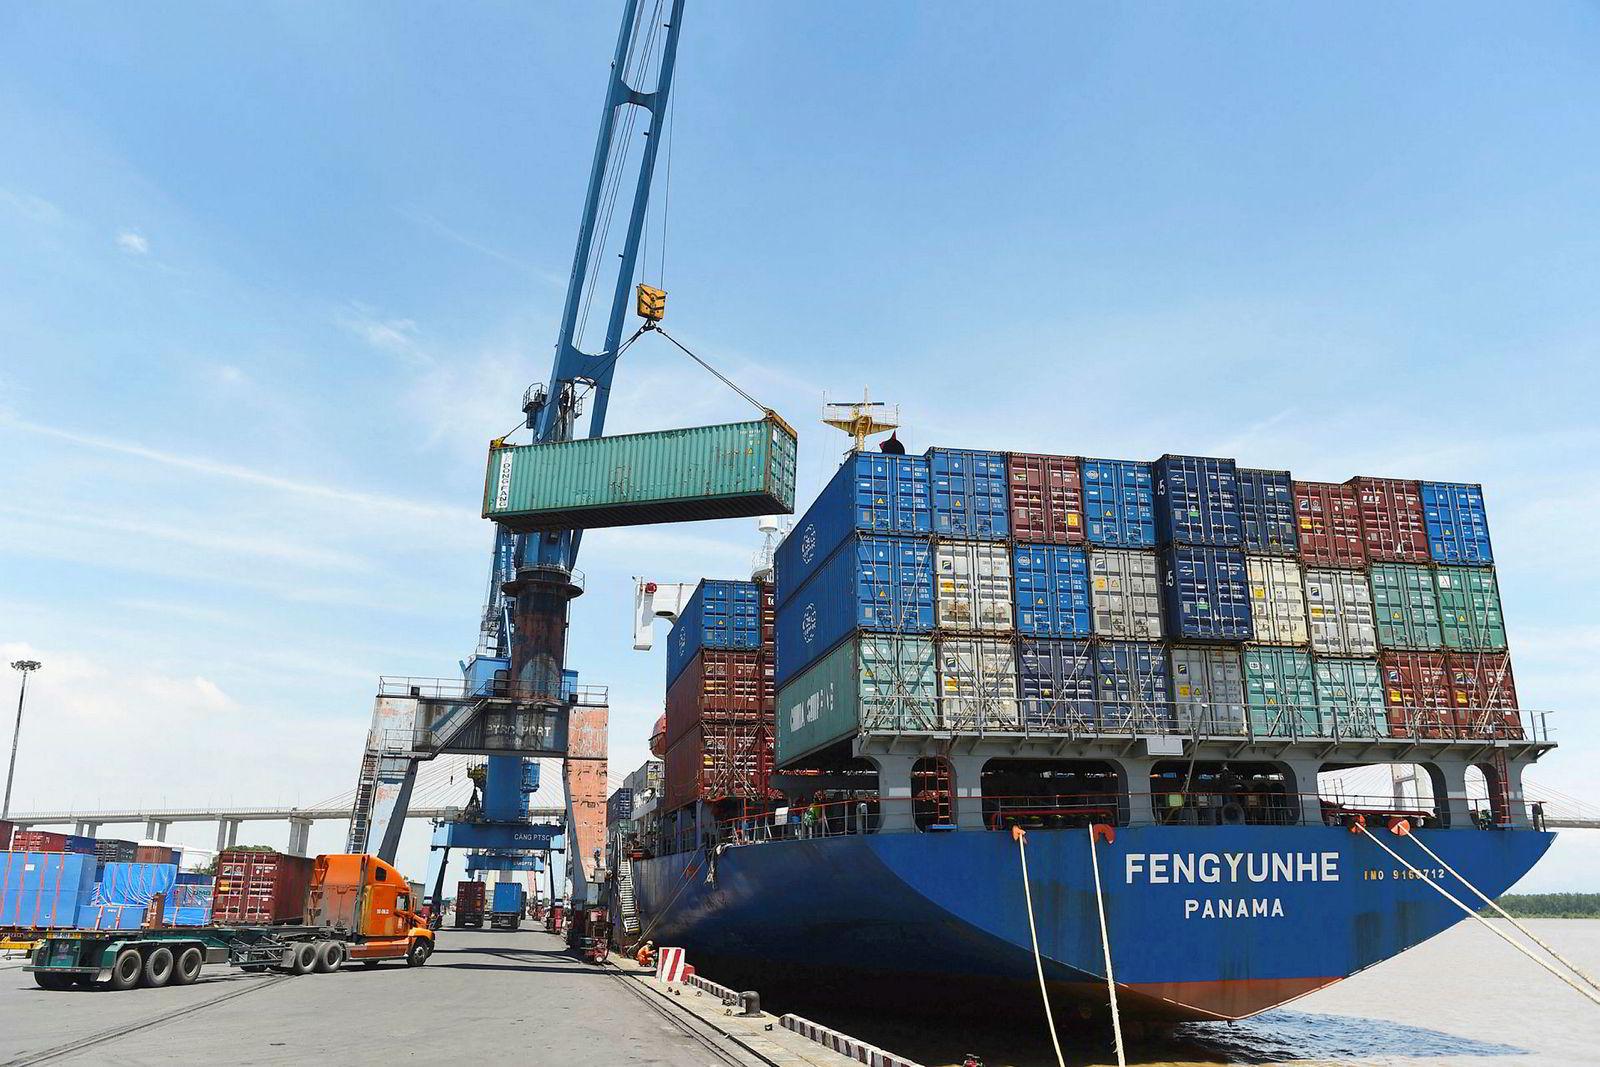 Containere lastes på et skip i den internasjonale frakthavnen i Hai Phong city i Vietnam. Analytiker mener at Vietnam og Taiwan brukes som mellomstasjoner for eksport av kinesiske varer. Dette kan eskalere handelskrigen mellom Kina og USA.